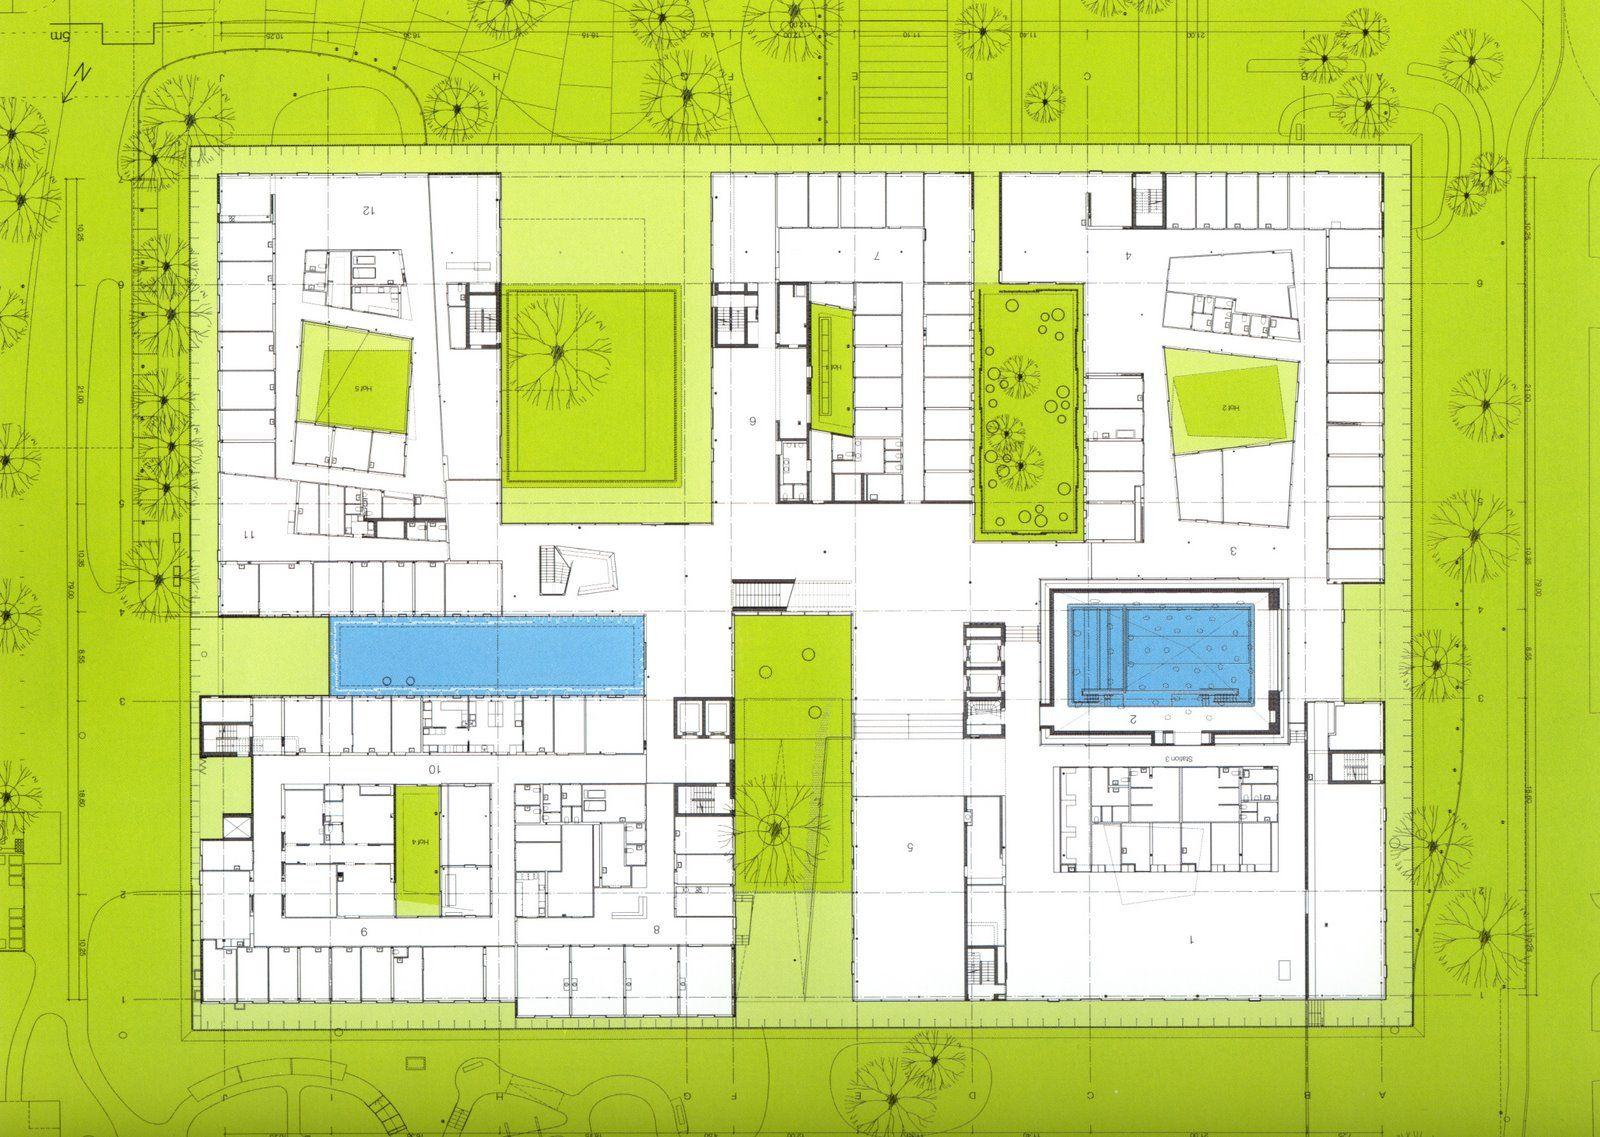 rehab basel herzog de meuron ground floor plan. Black Bedroom Furniture Sets. Home Design Ideas